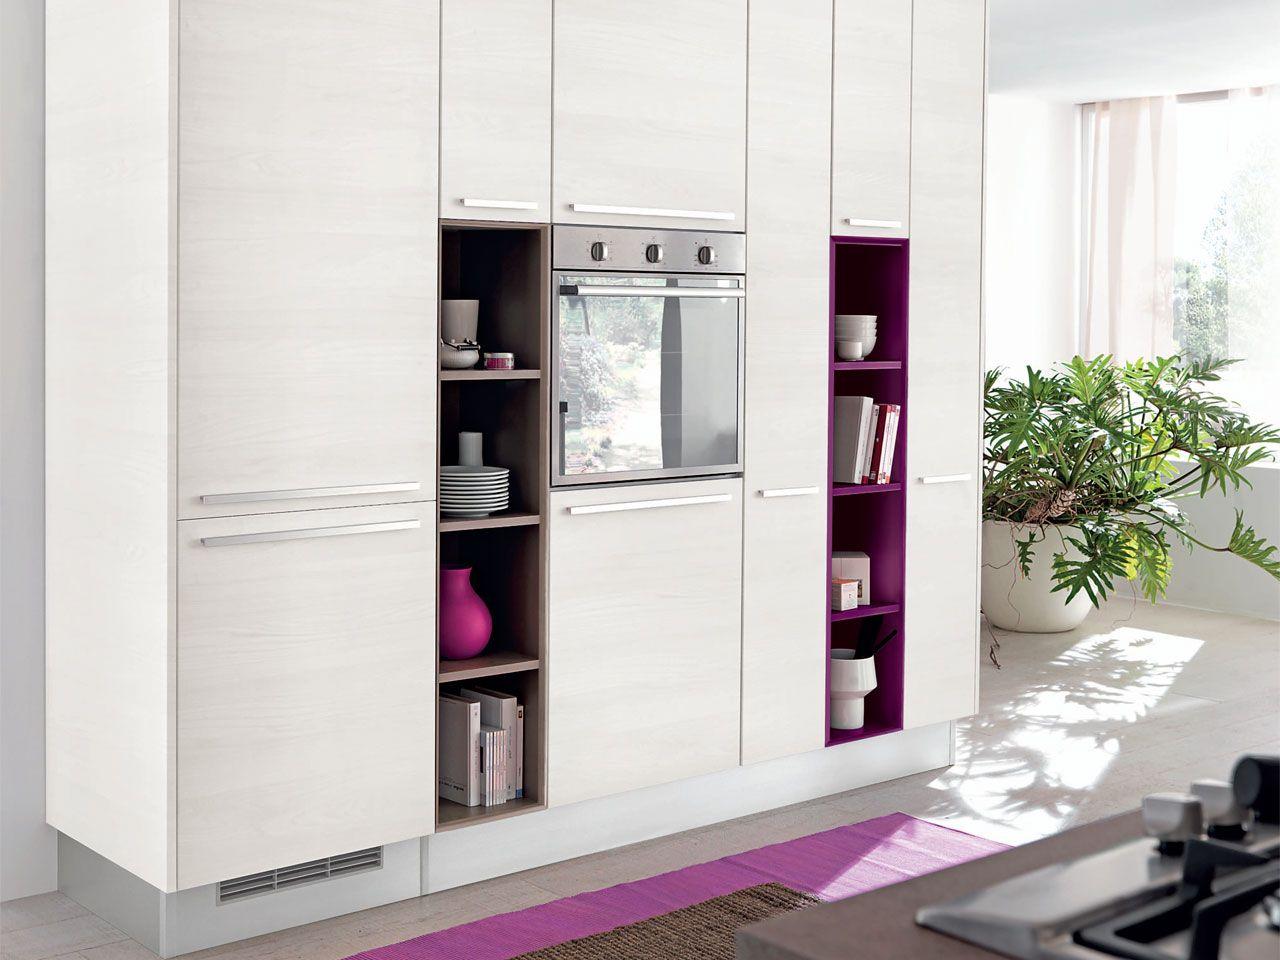 Noemi - Kitchens - Cucine Lube | Kitchen Designs | Pinterest ...